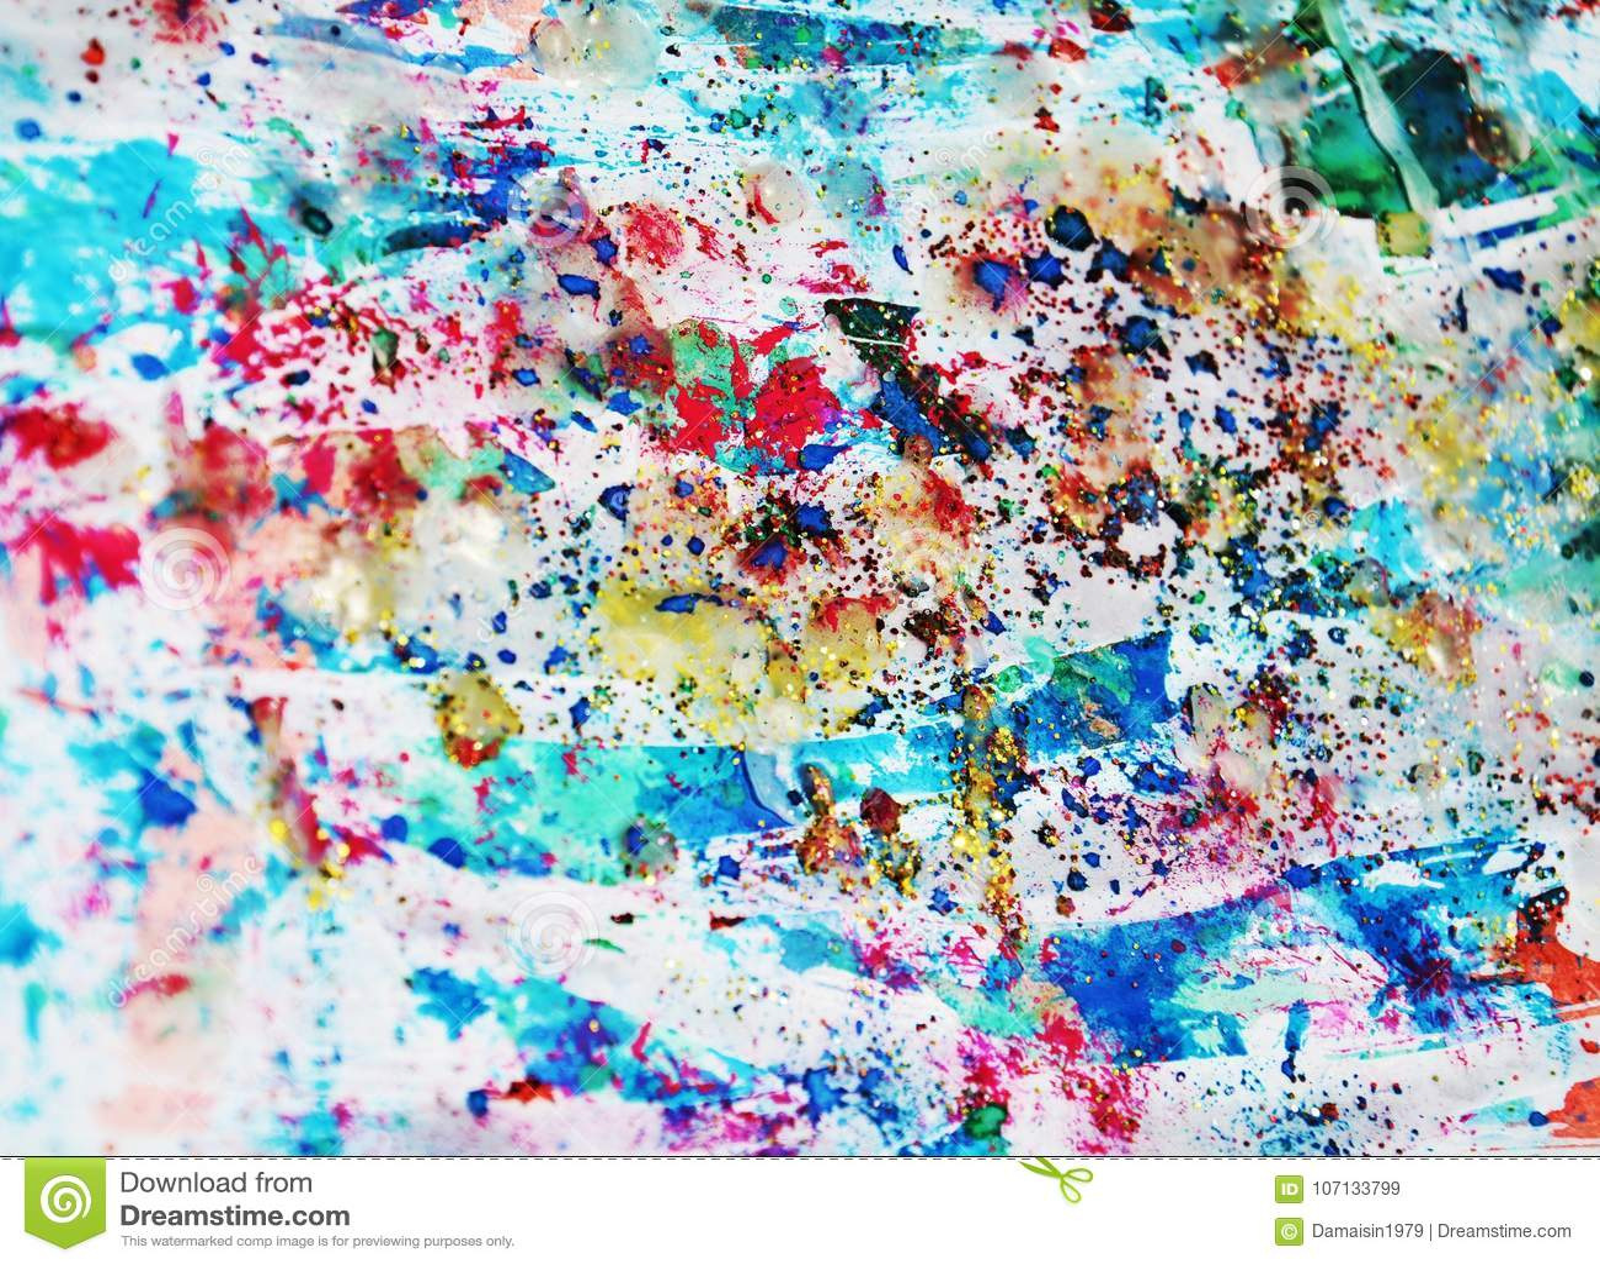 Μπλε κόκκινο χρώμα κρητιδογραφιών, κέρινα σημεία, χρώμα watercolor, ζωηρόχρωμα χρώματα